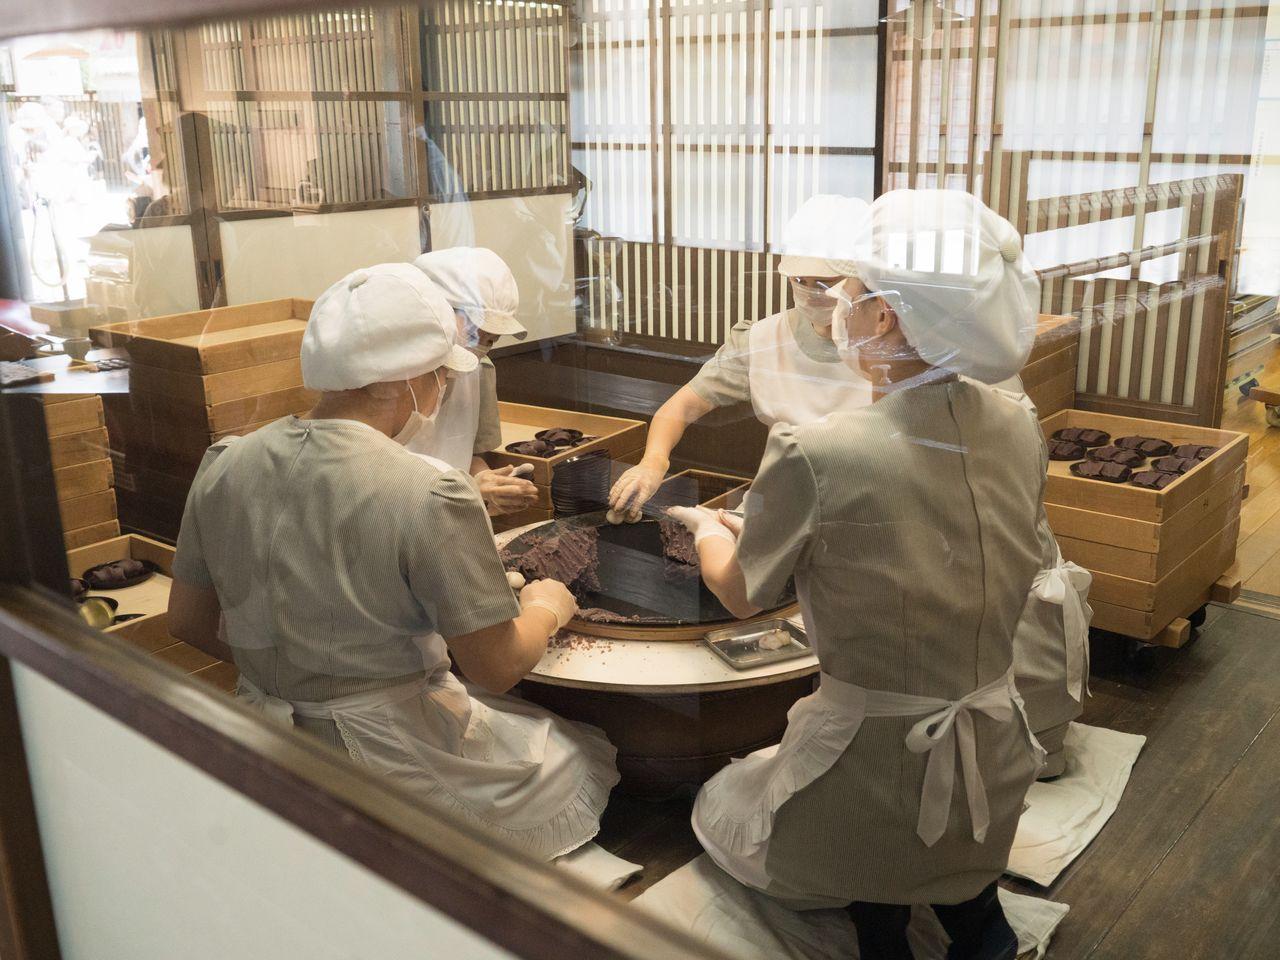 Посетители могут наблюдать за мастерами, которые делают моти вручную